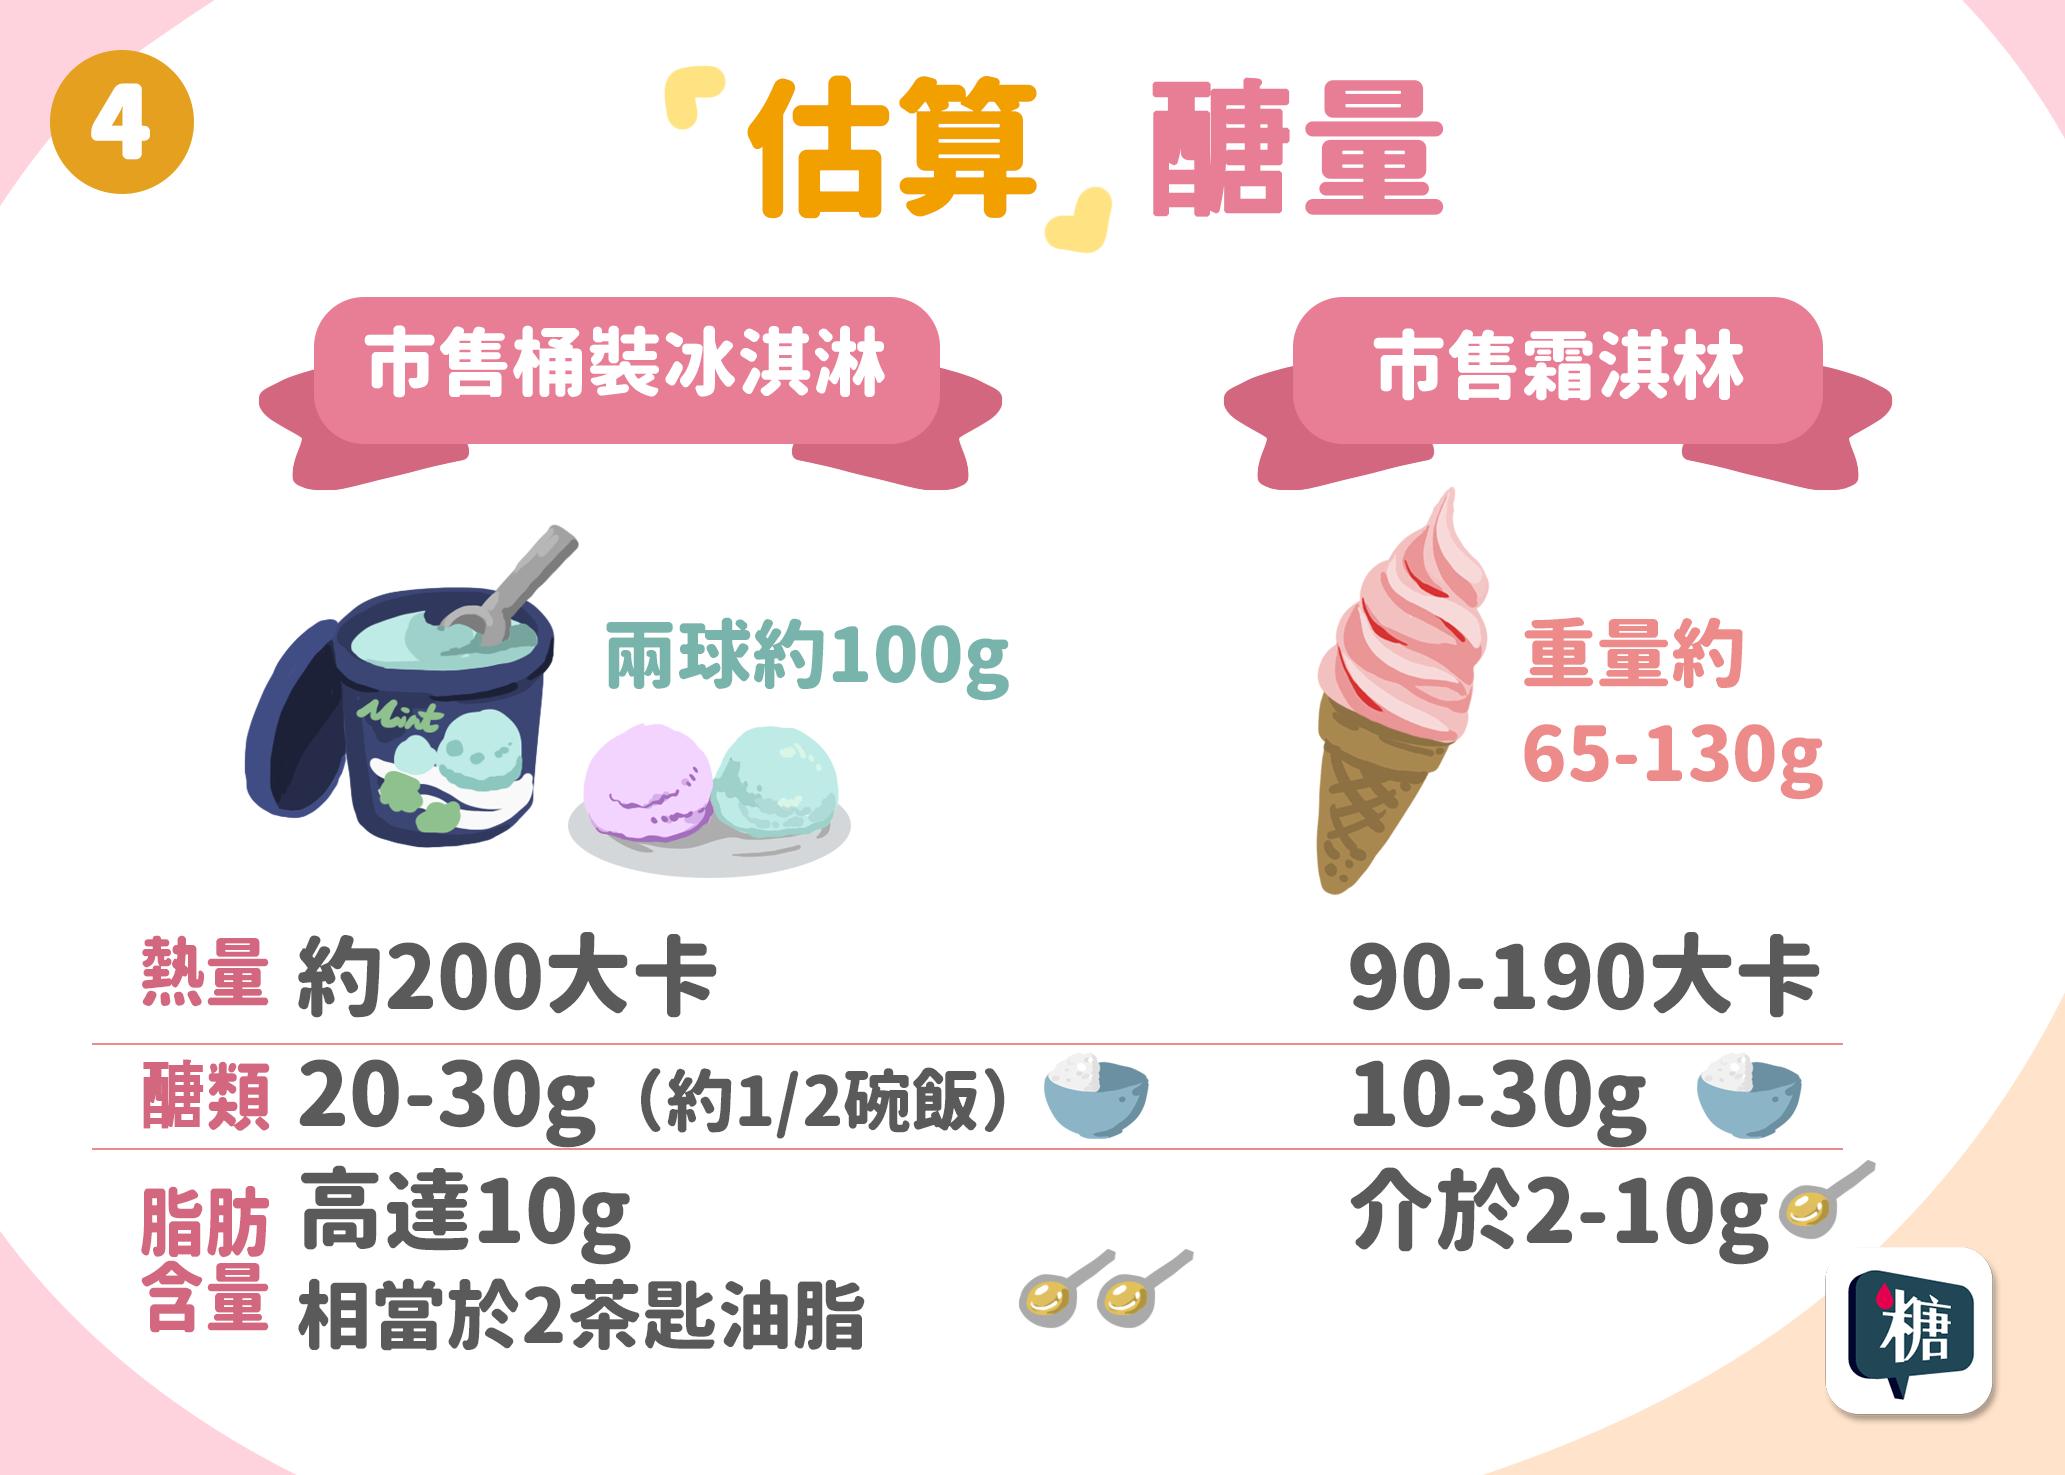 消暑冰淇淋吃多少?-05-1970